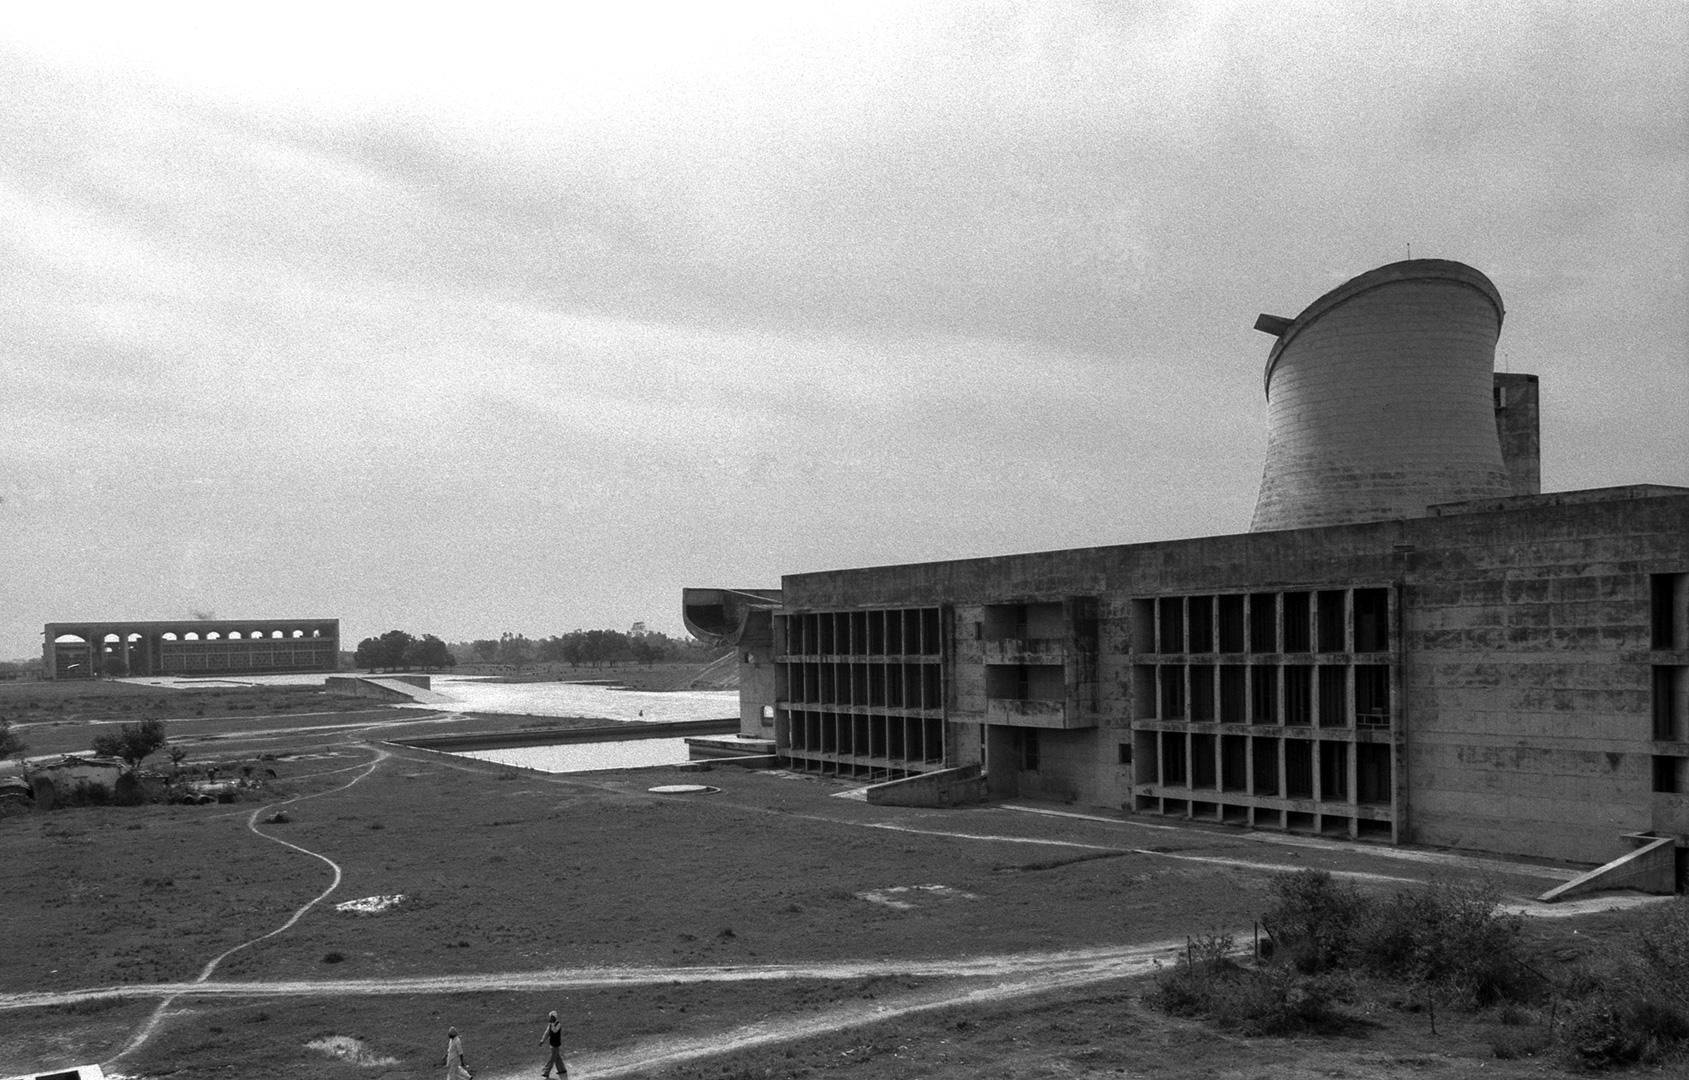 le-corbusier_08_Le_Corbusier_Chadingarh_LC1_929-21-CHA